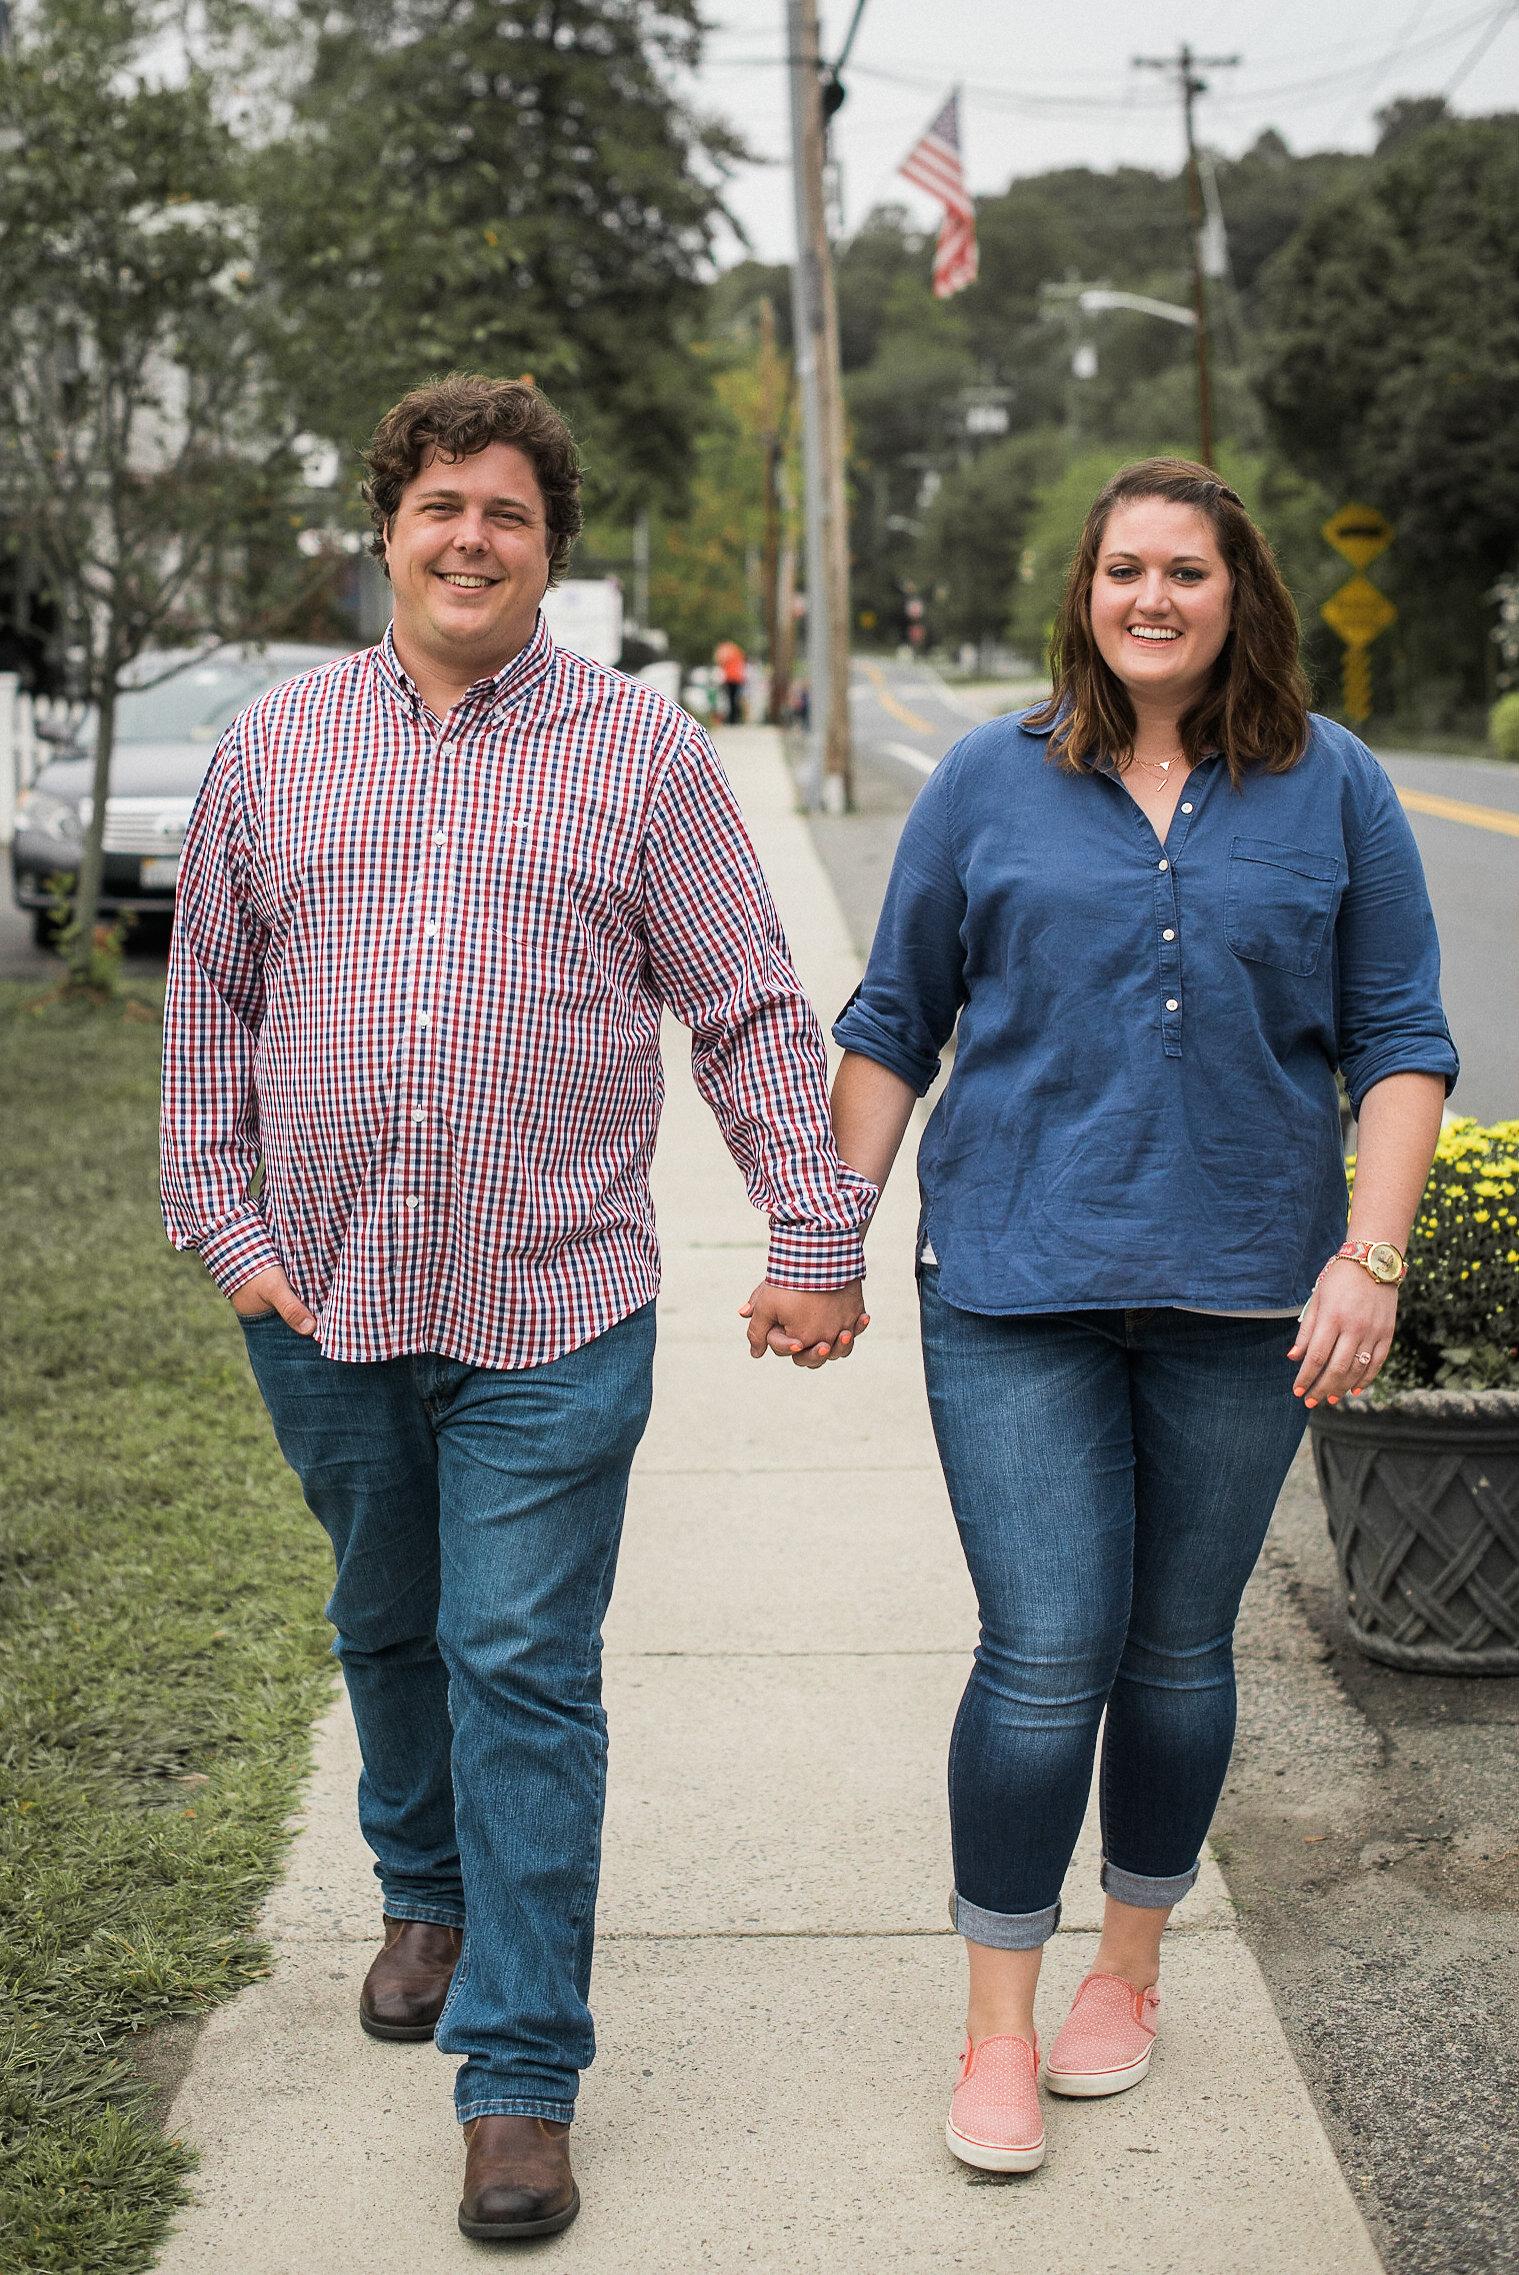 Couple walking down sidewalk